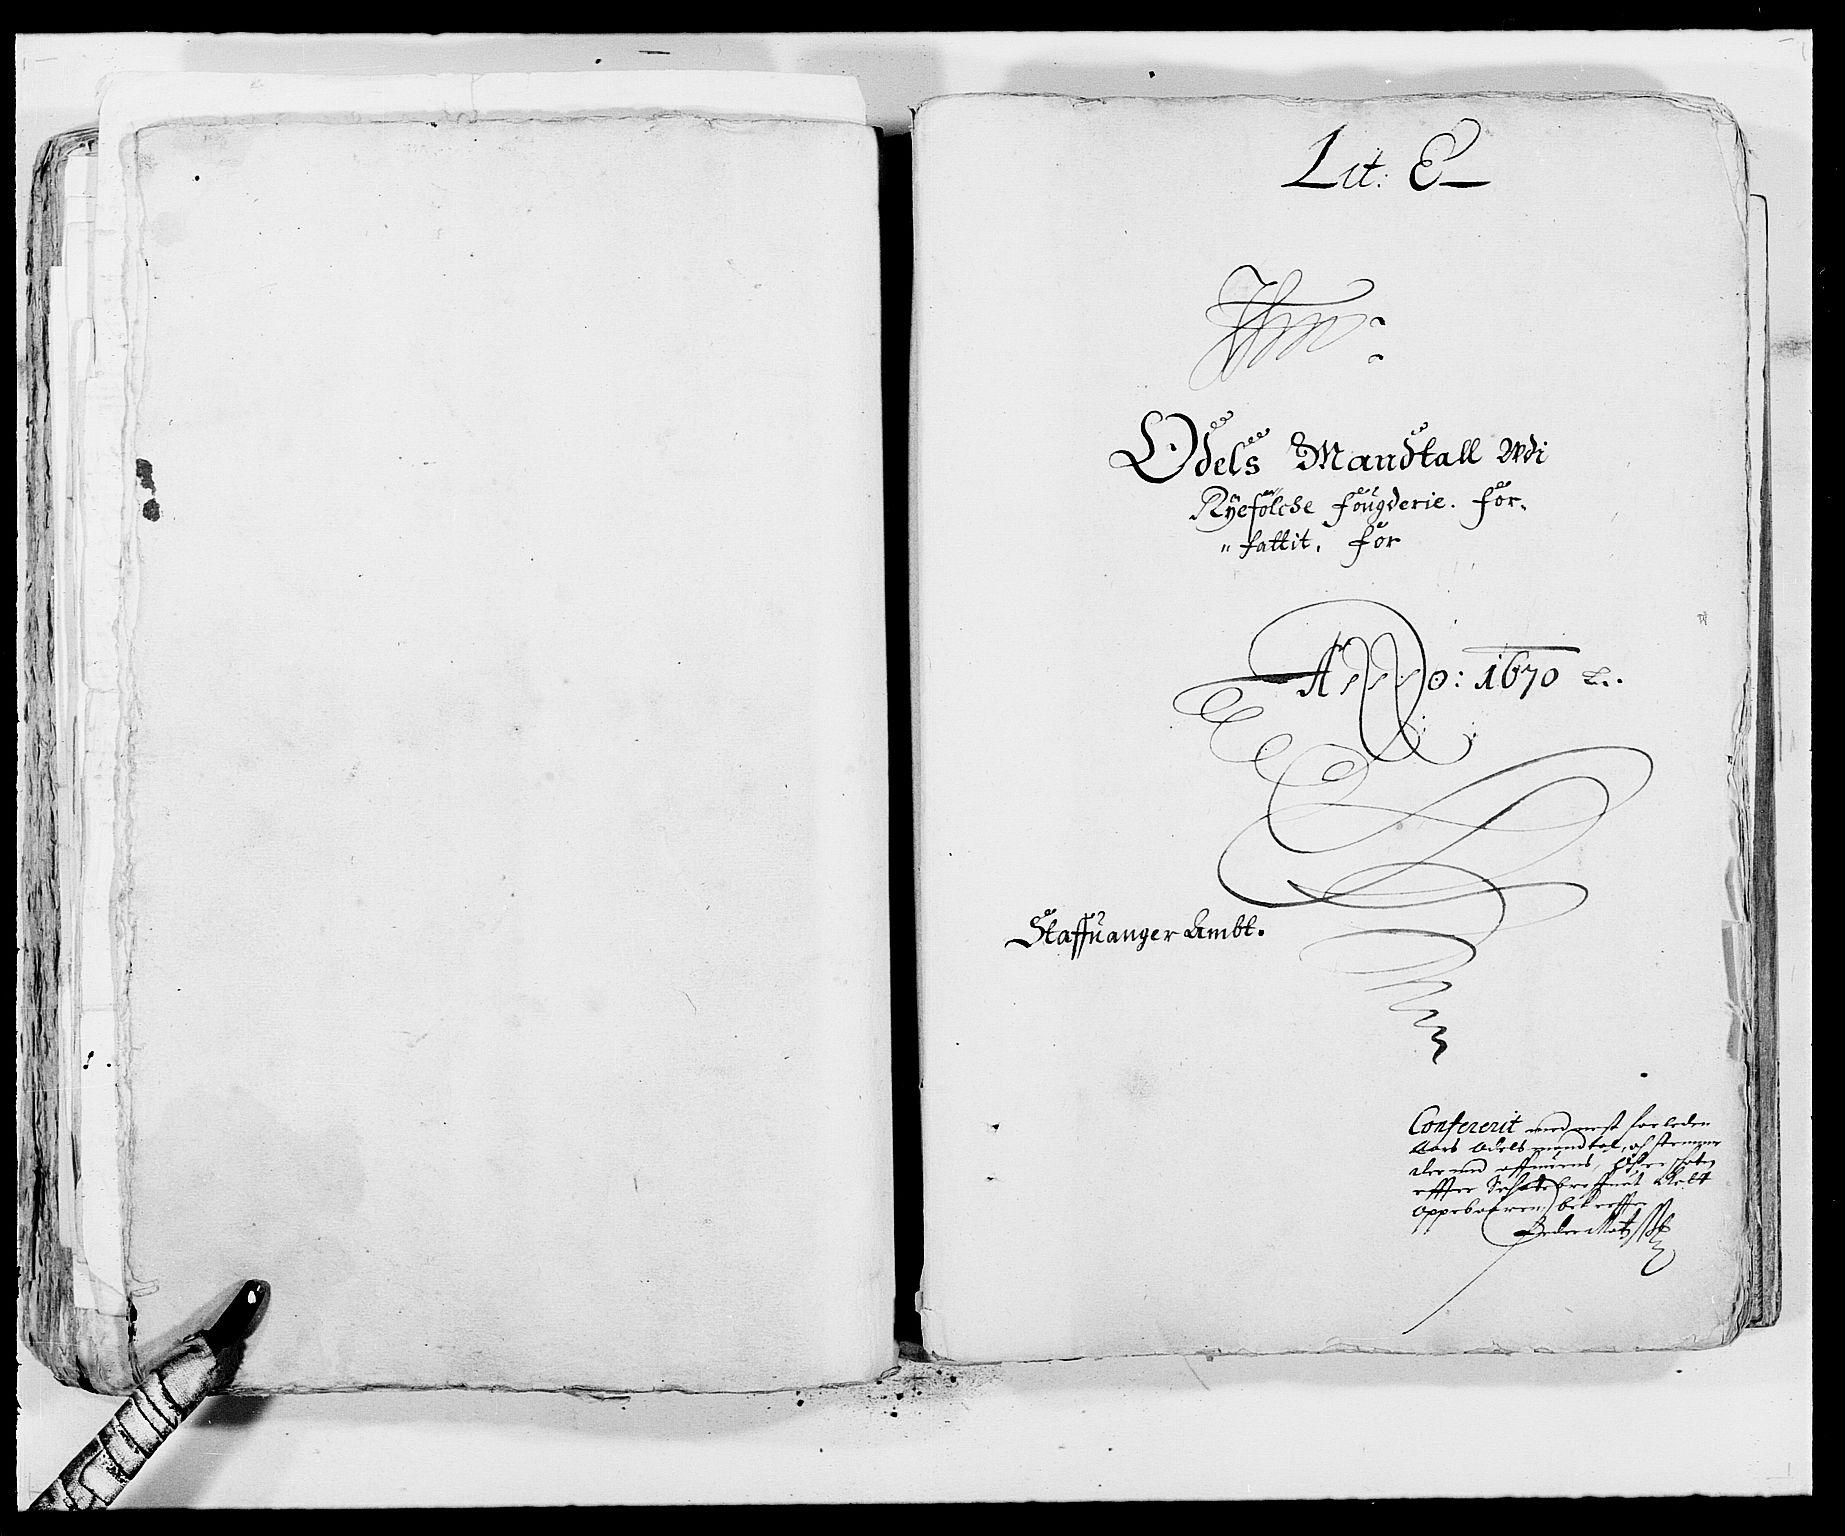 RA, Rentekammeret inntil 1814, Reviderte regnskaper, Fogderegnskap, R47/L2843: Fogderegnskap Ryfylke, 1670-1671, s. 176